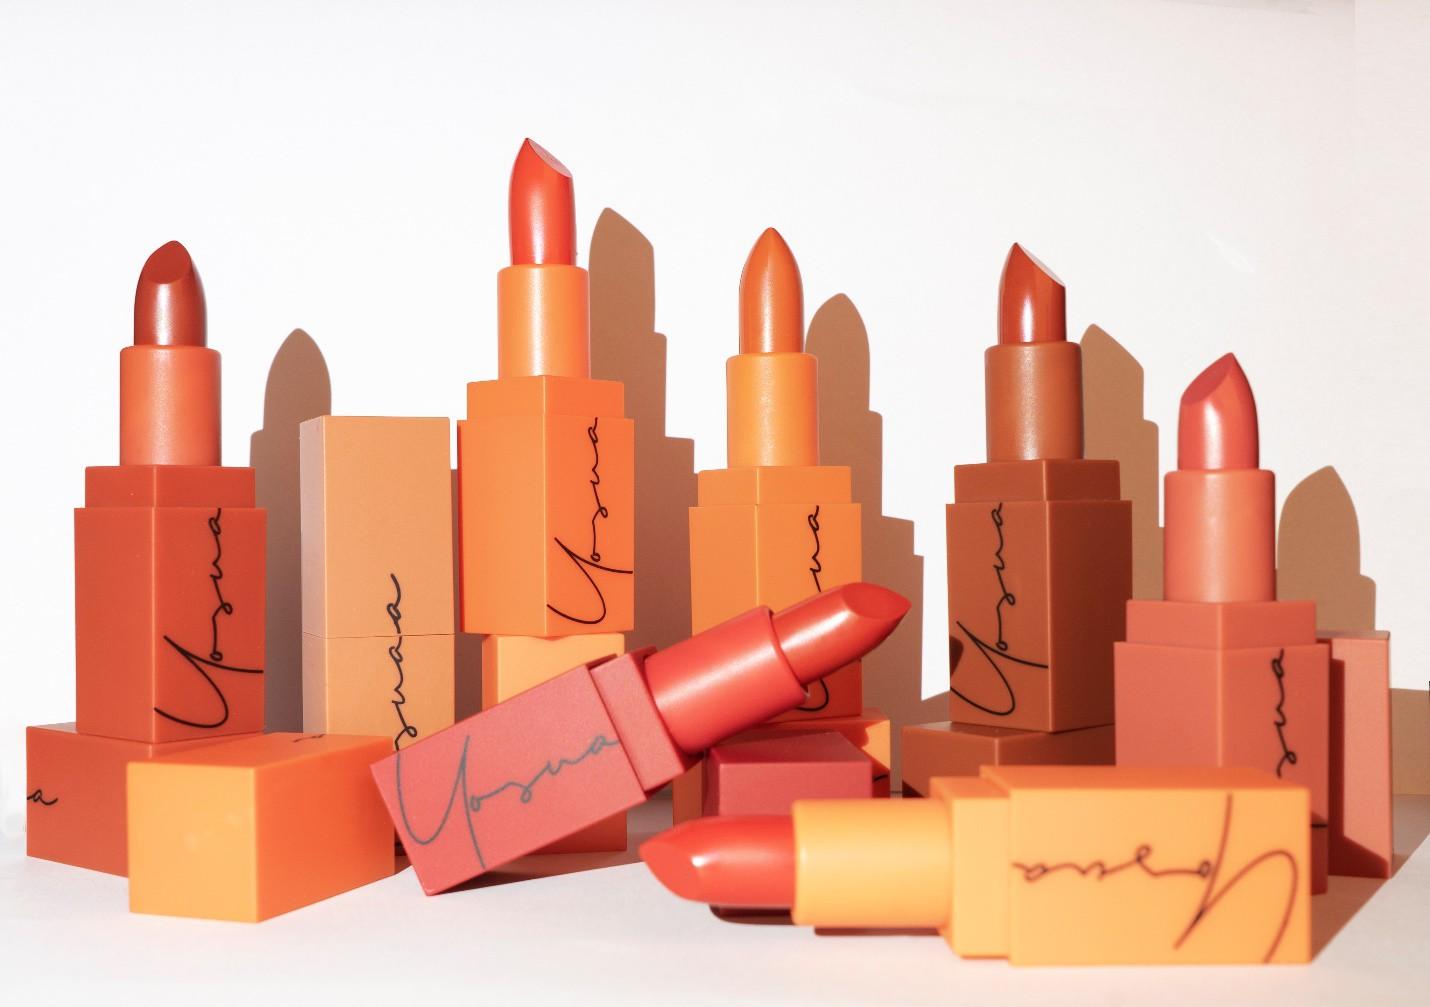 Yosuaa lại đốn tim phái đẹp dịp 8/3 với bộ sưu tập son màu sắc Yosuaa Matte Lipstick Version 3 - Ảnh 1.